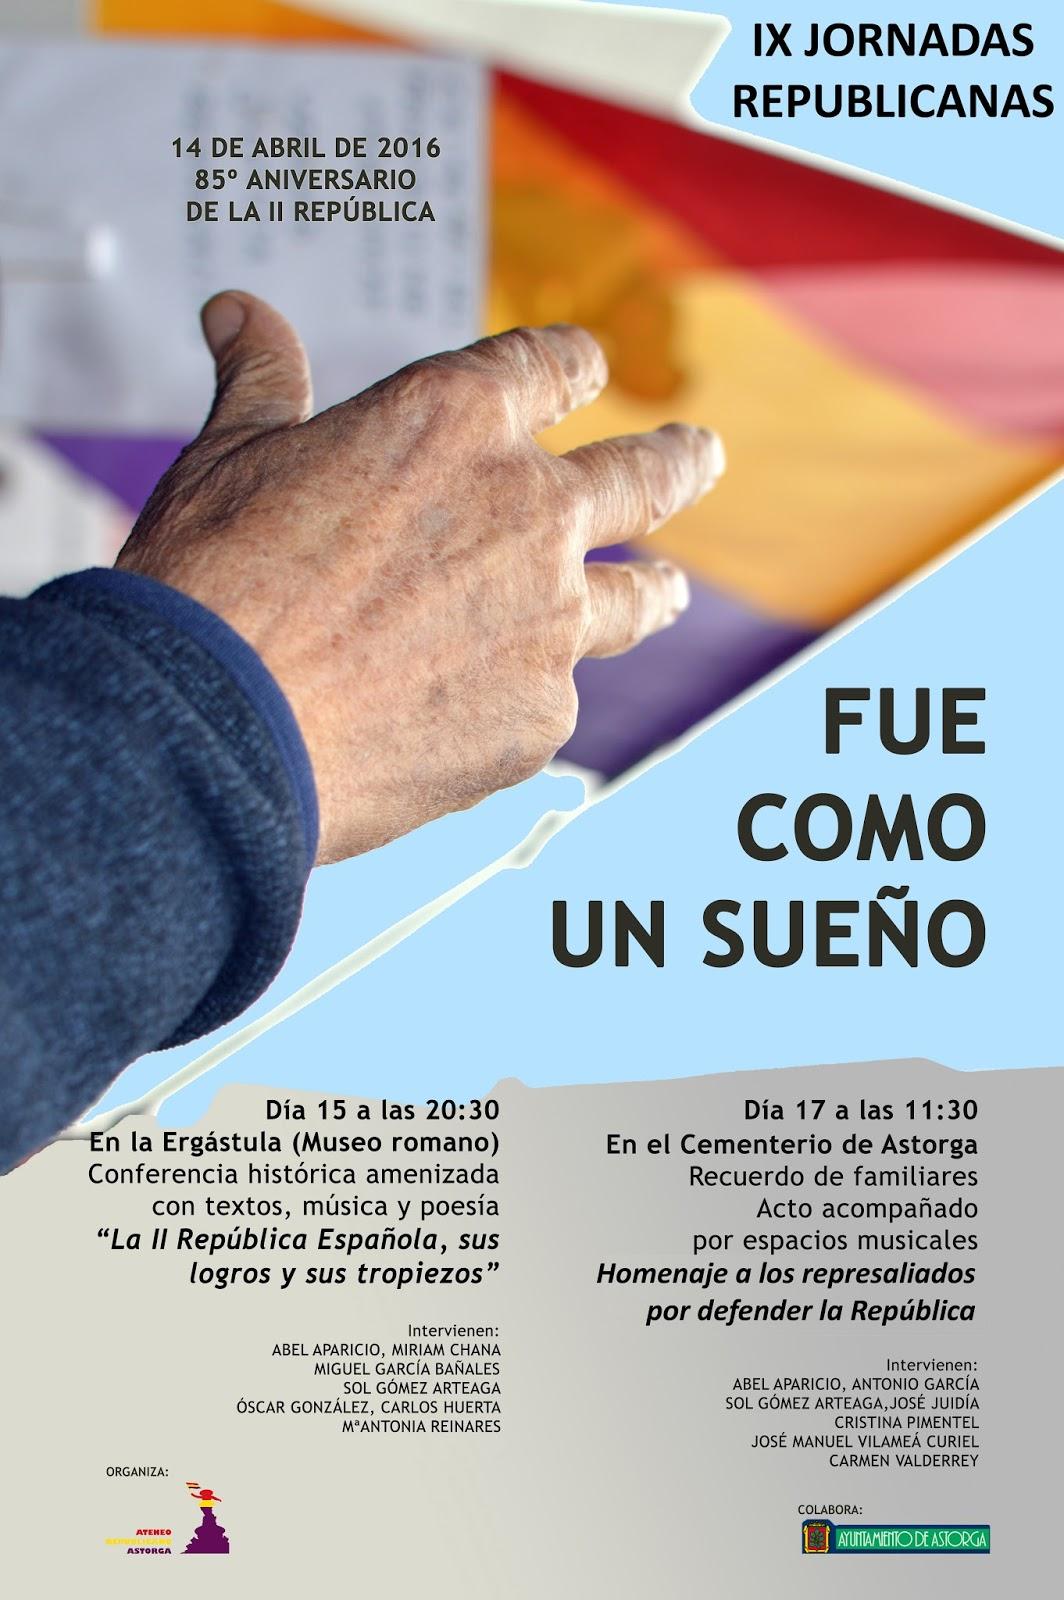 IX jornadas republicanas (Astorga).jpg